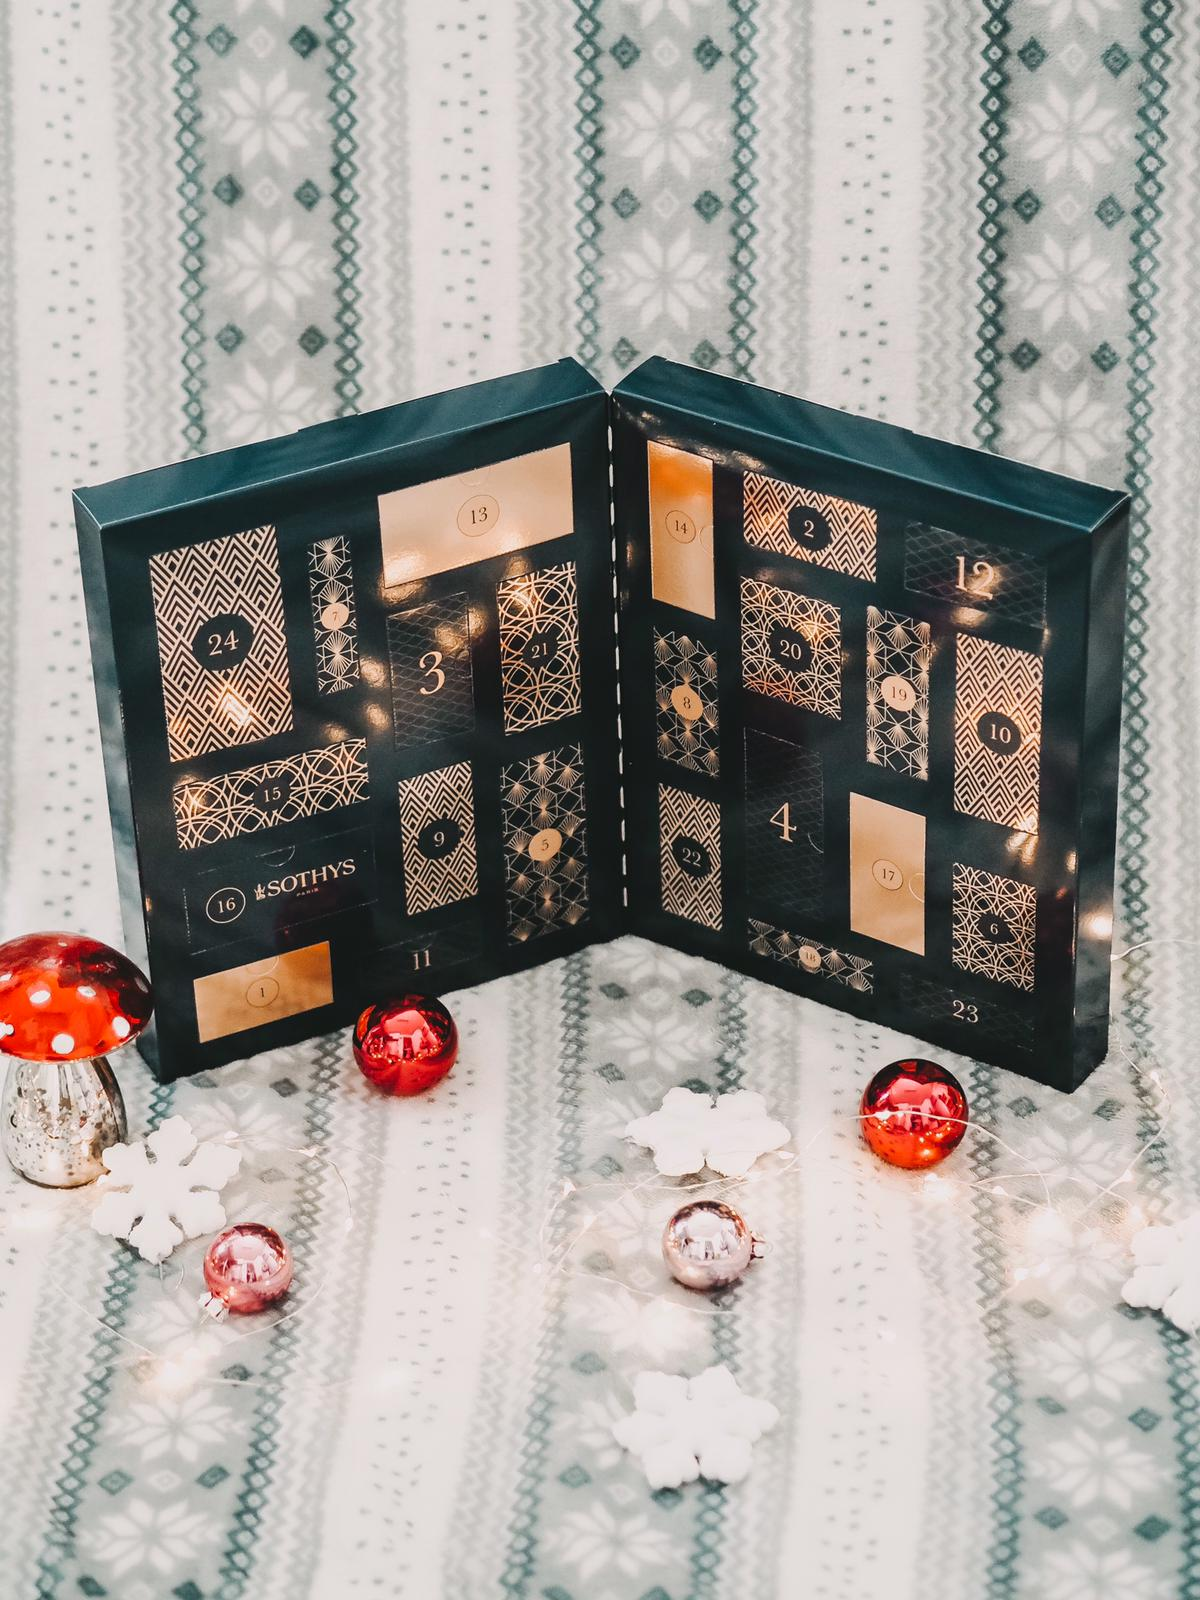 DerSothys Adventskalender 2019 mit 24 hochwertigen Beauty-Überraschungen versüsst uns die kommende Weihnachtszeit. Heute mehr dazu auf meinem Beauty Blog !